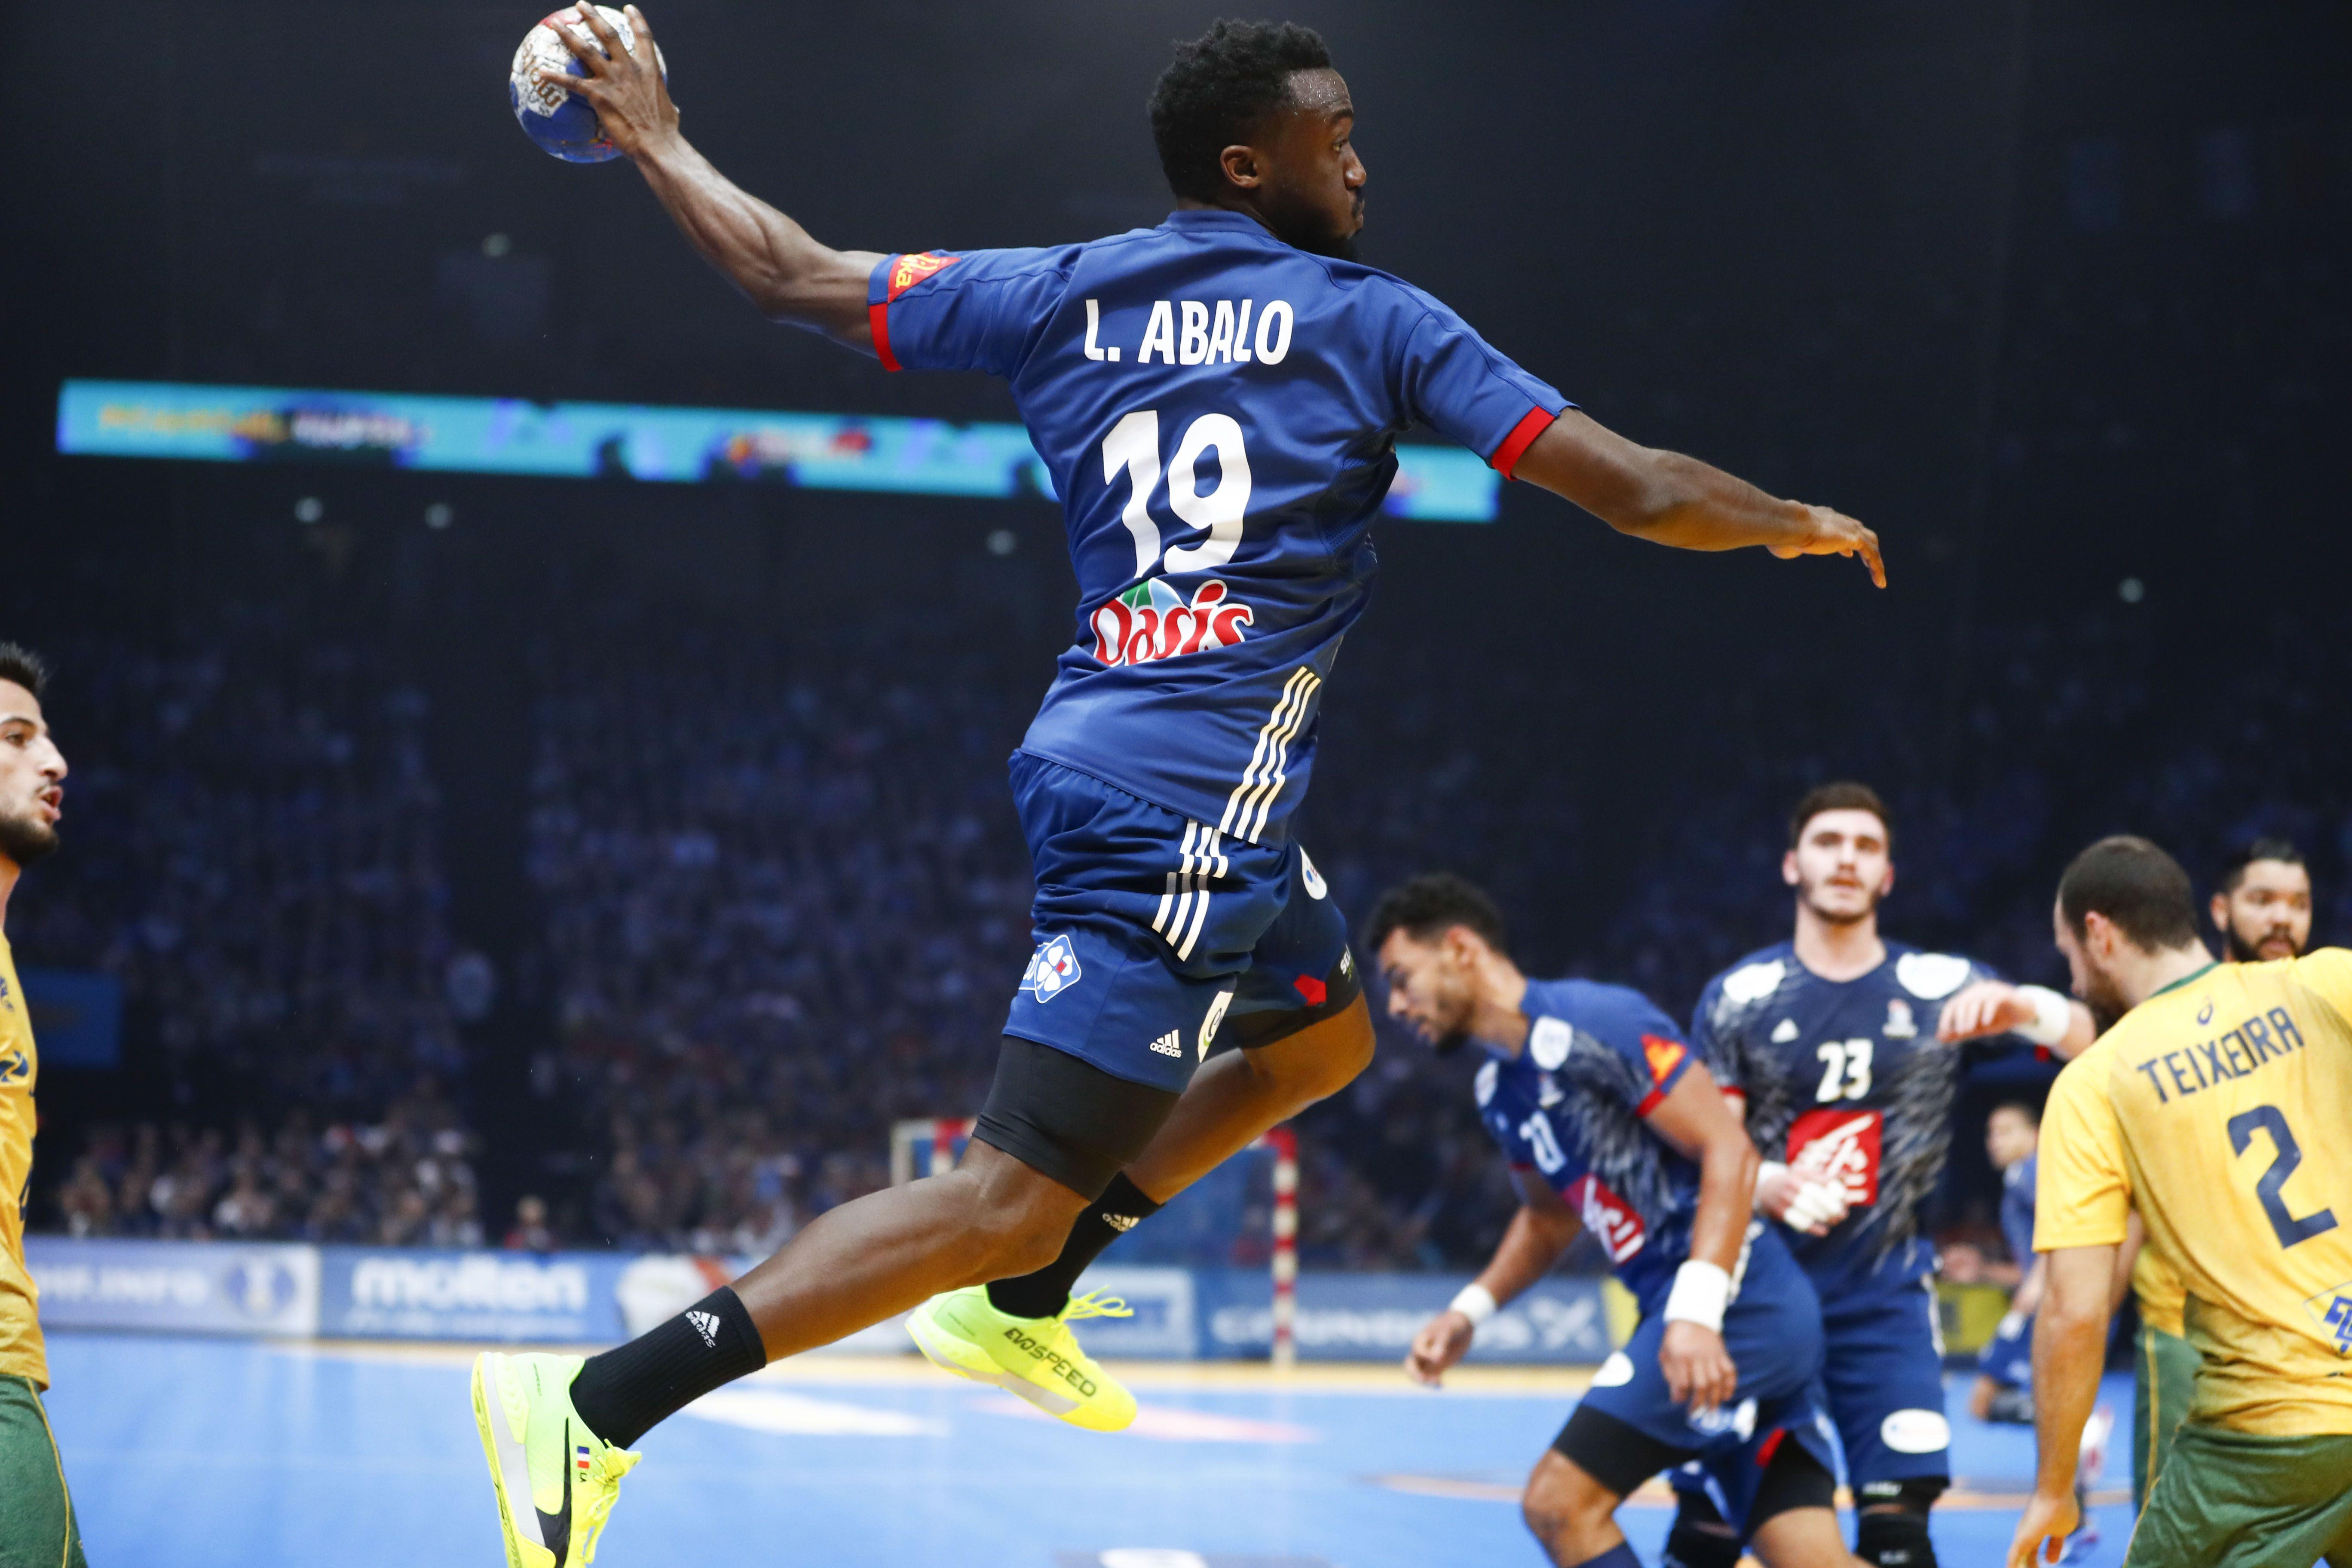 Handball - Equipe de France - Dans le dur, Luc Abalo veut rester positif